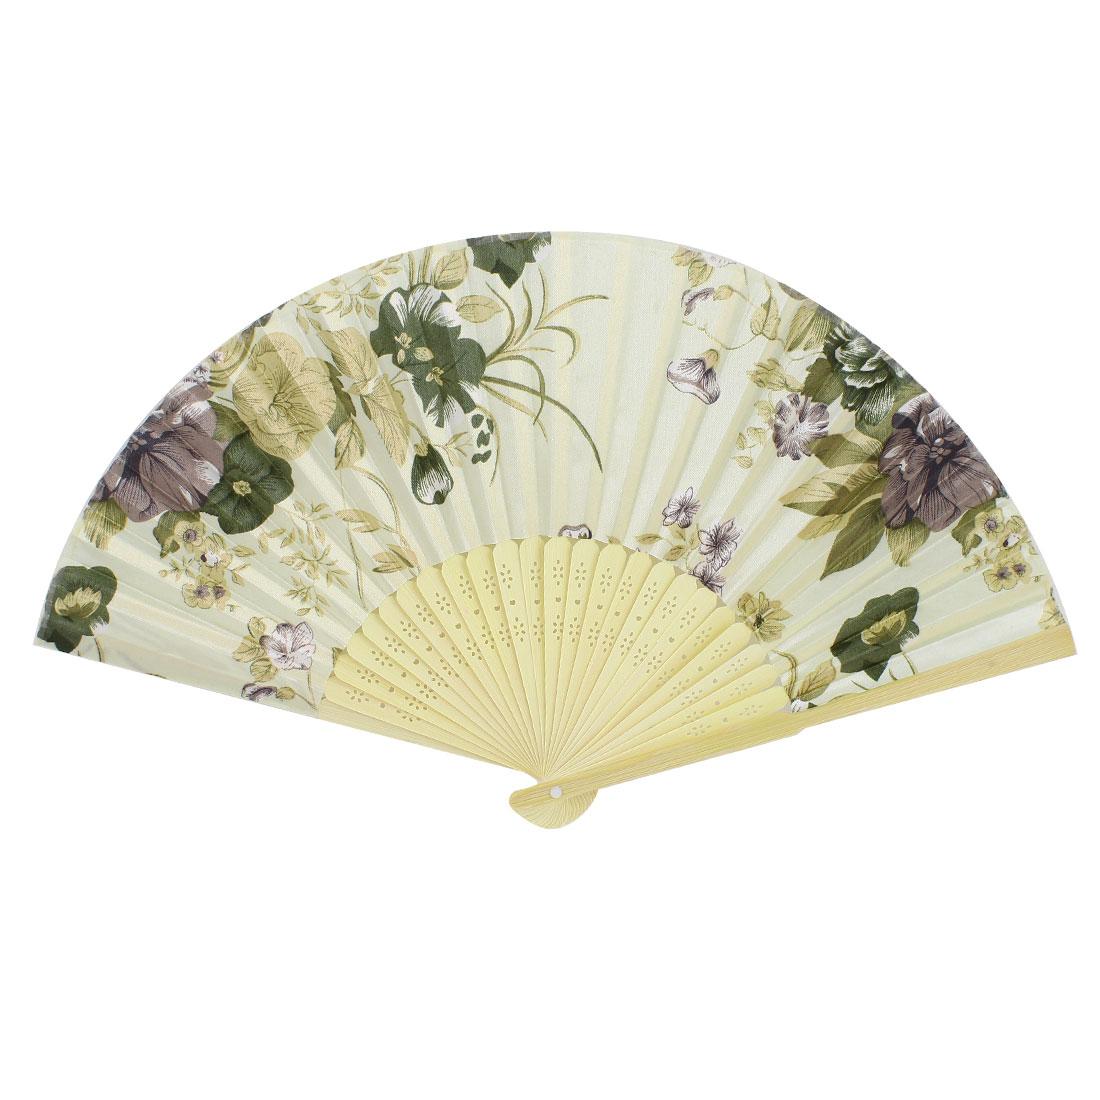 Khaki Flowers Pattern Bamboo Hollow Out Ribs Folding Hand Fan Beige